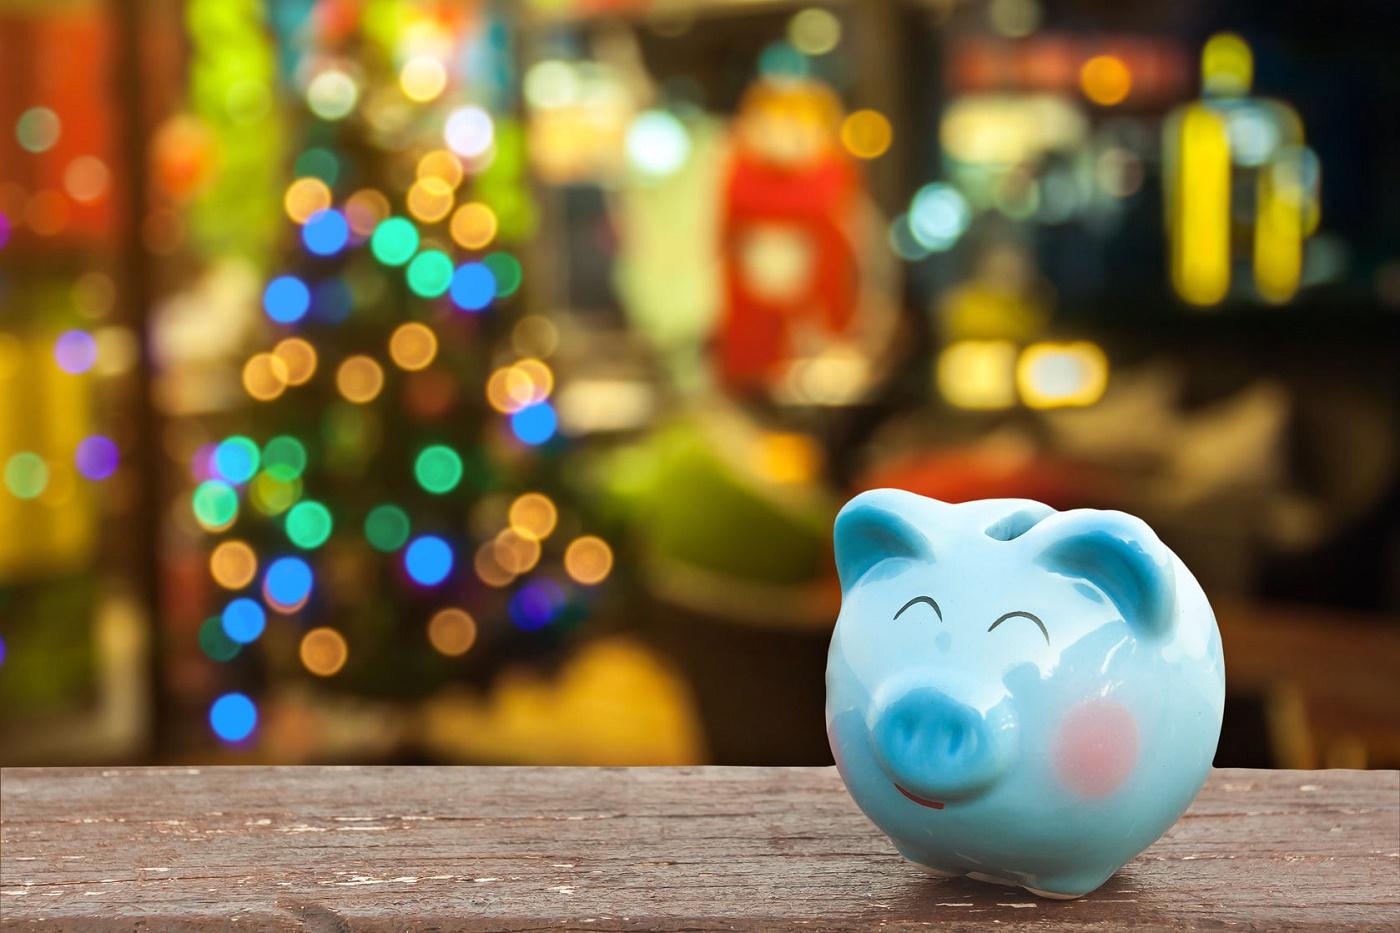 Comece este novo ano do jeito certo: comandando o seu dinheiro